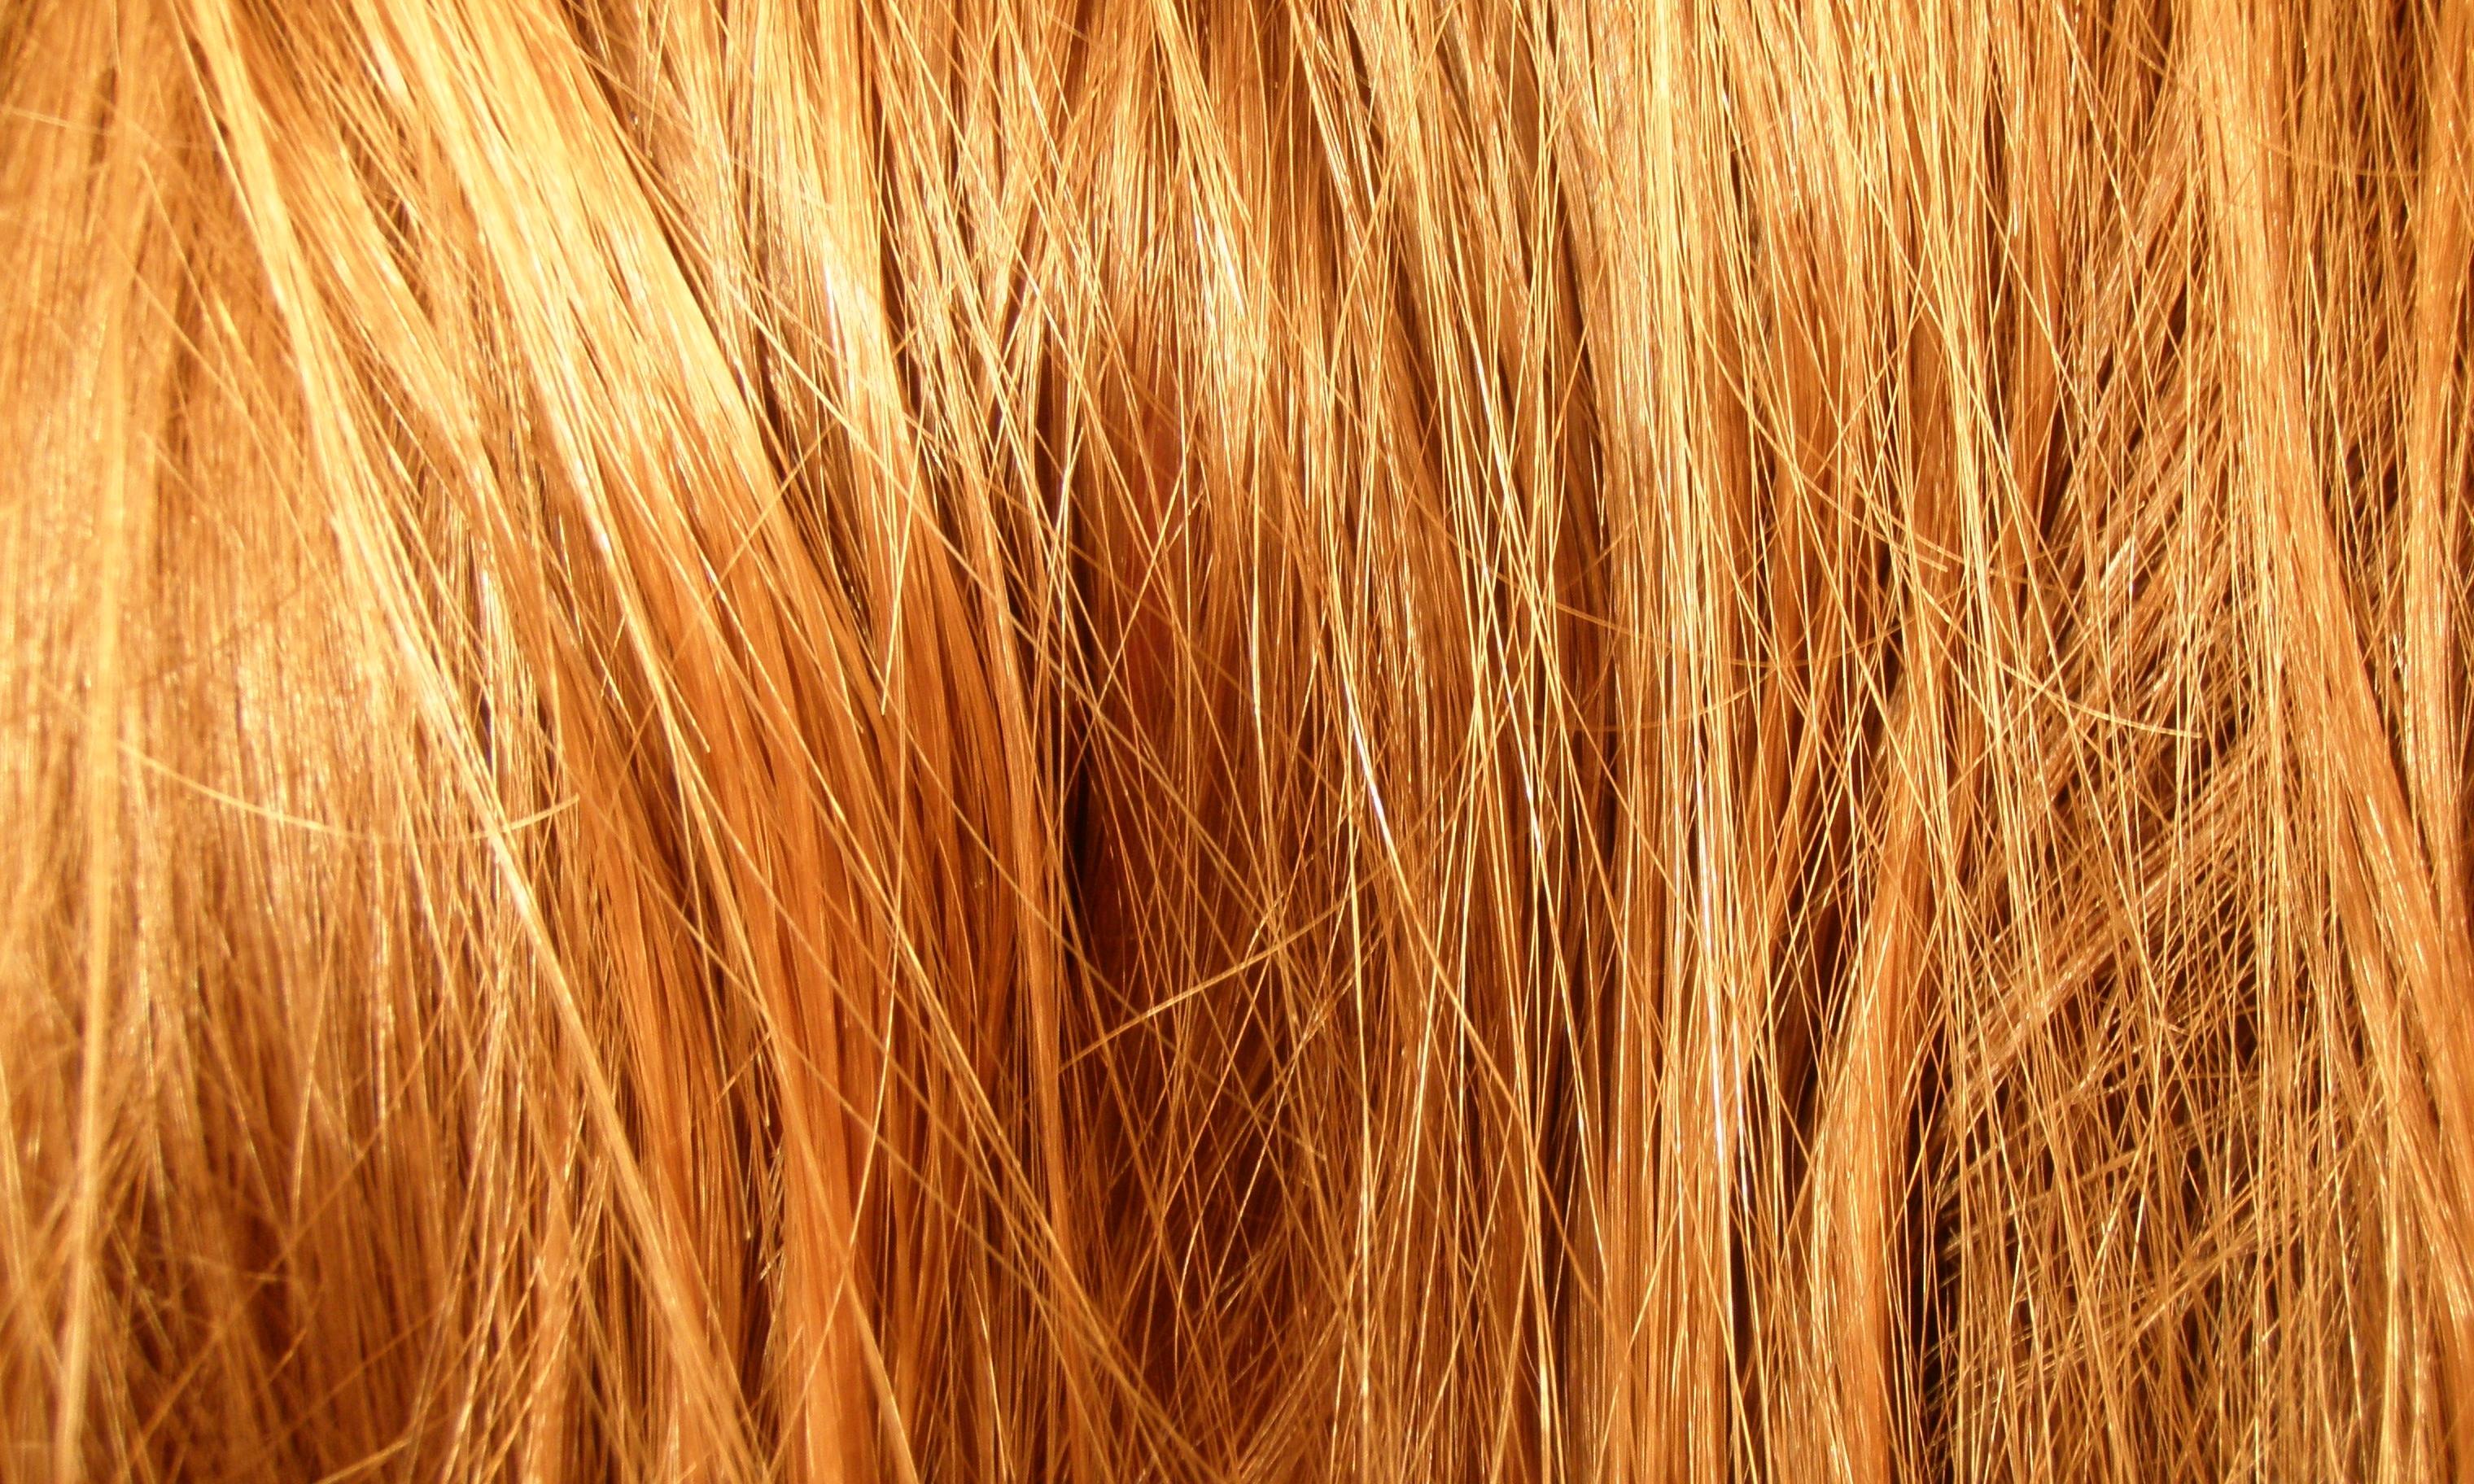 Come porti i capelli? Il legame tra capelli e personalità ...